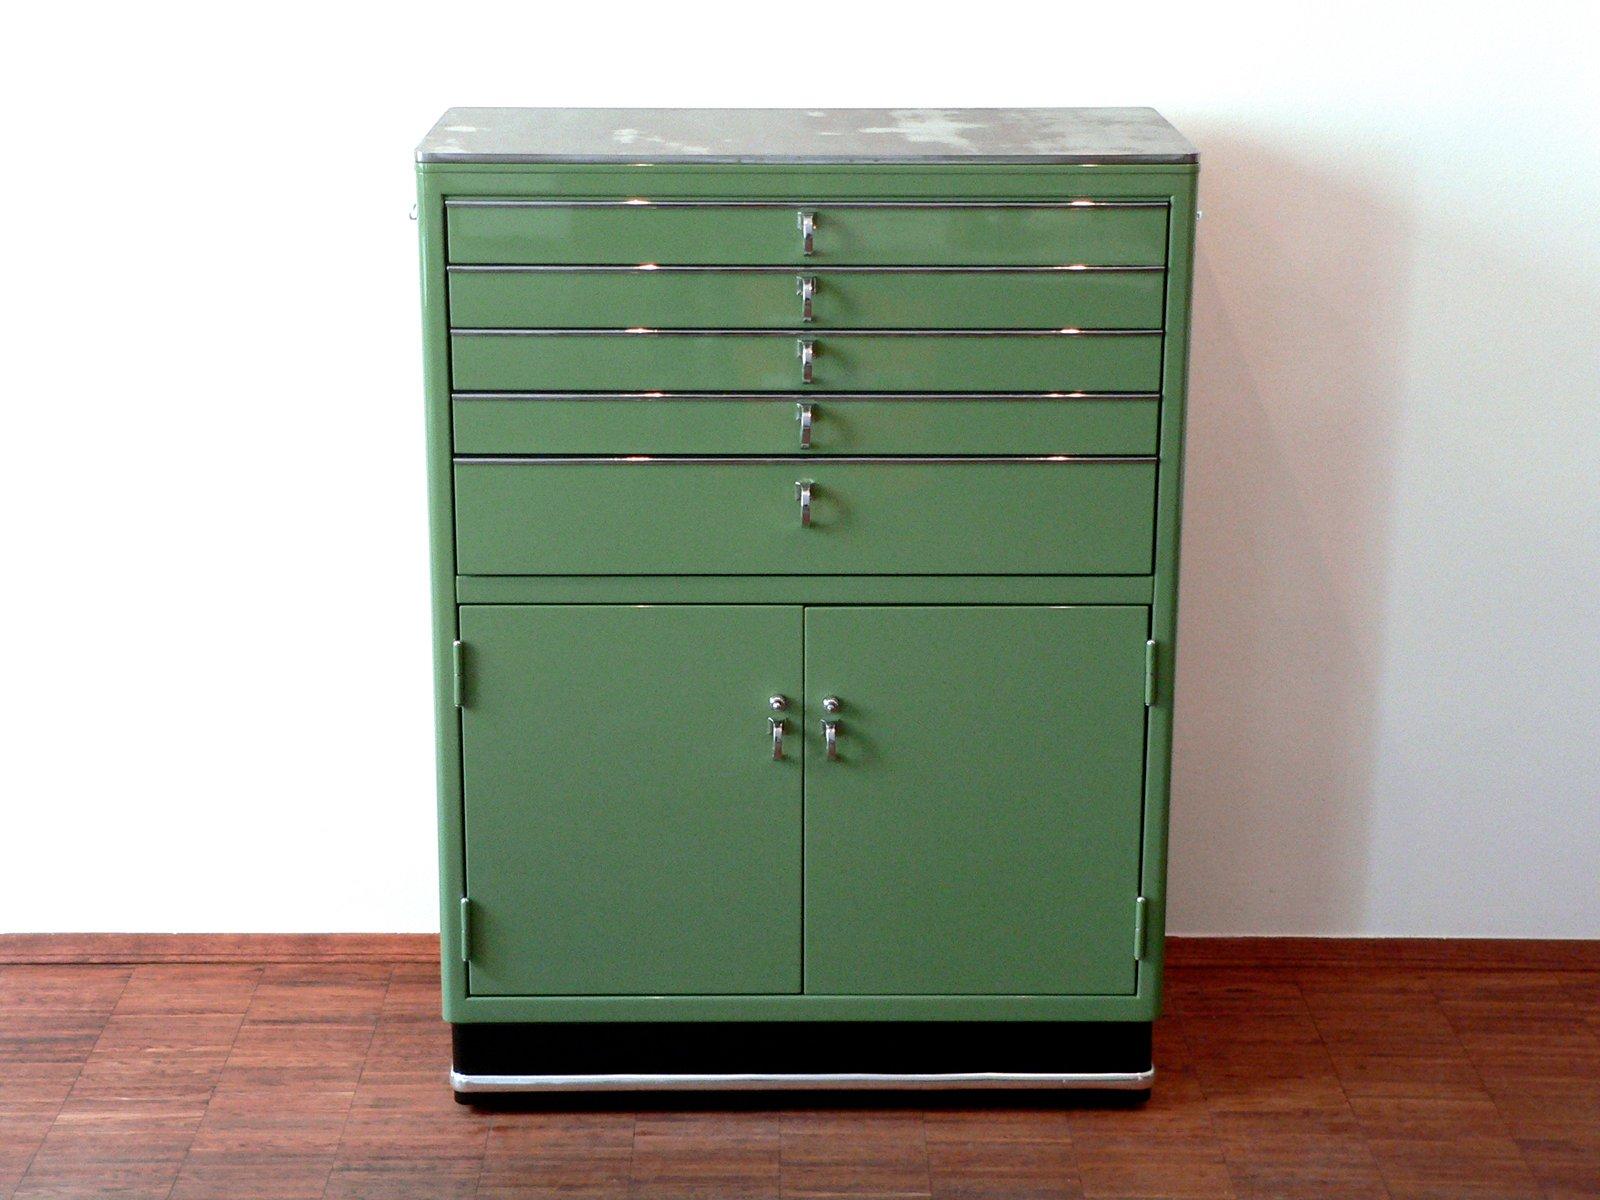 Antique Metal Dental Cabinet Vintage Dental Cabinet 1950s For Sale At Pamono